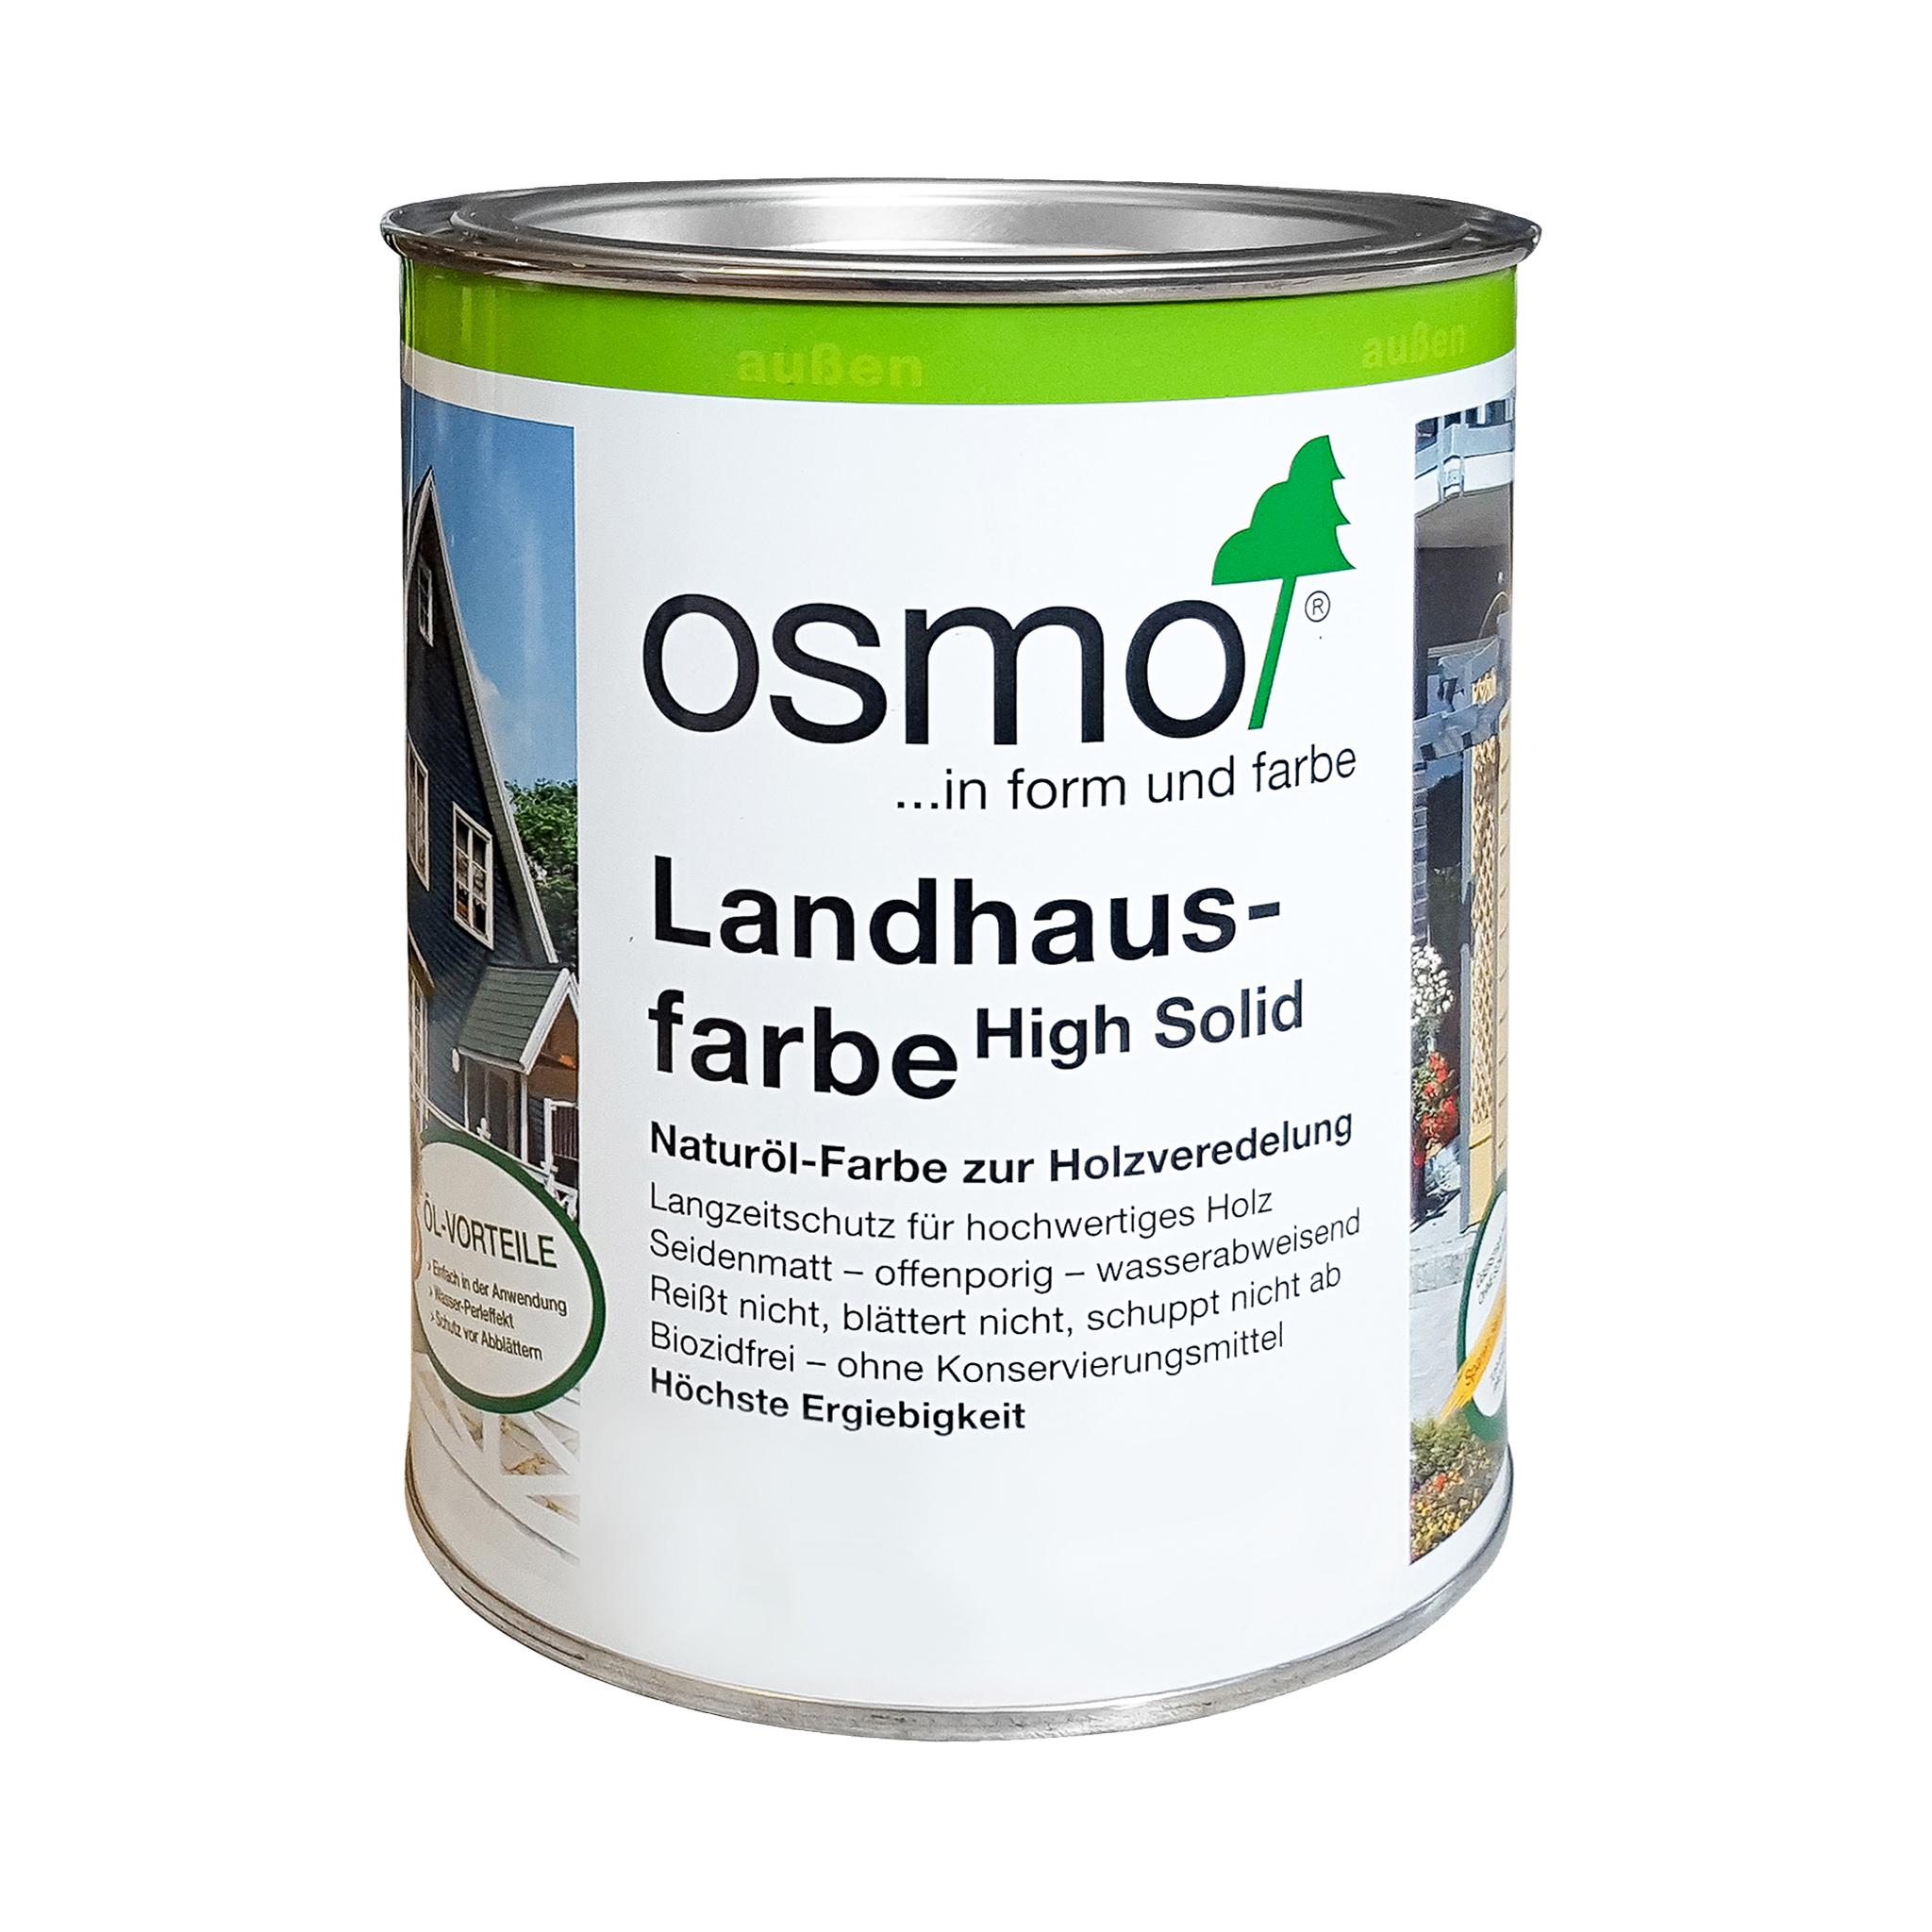 Osmo Landhausfarbe Fichtengelb 750ml